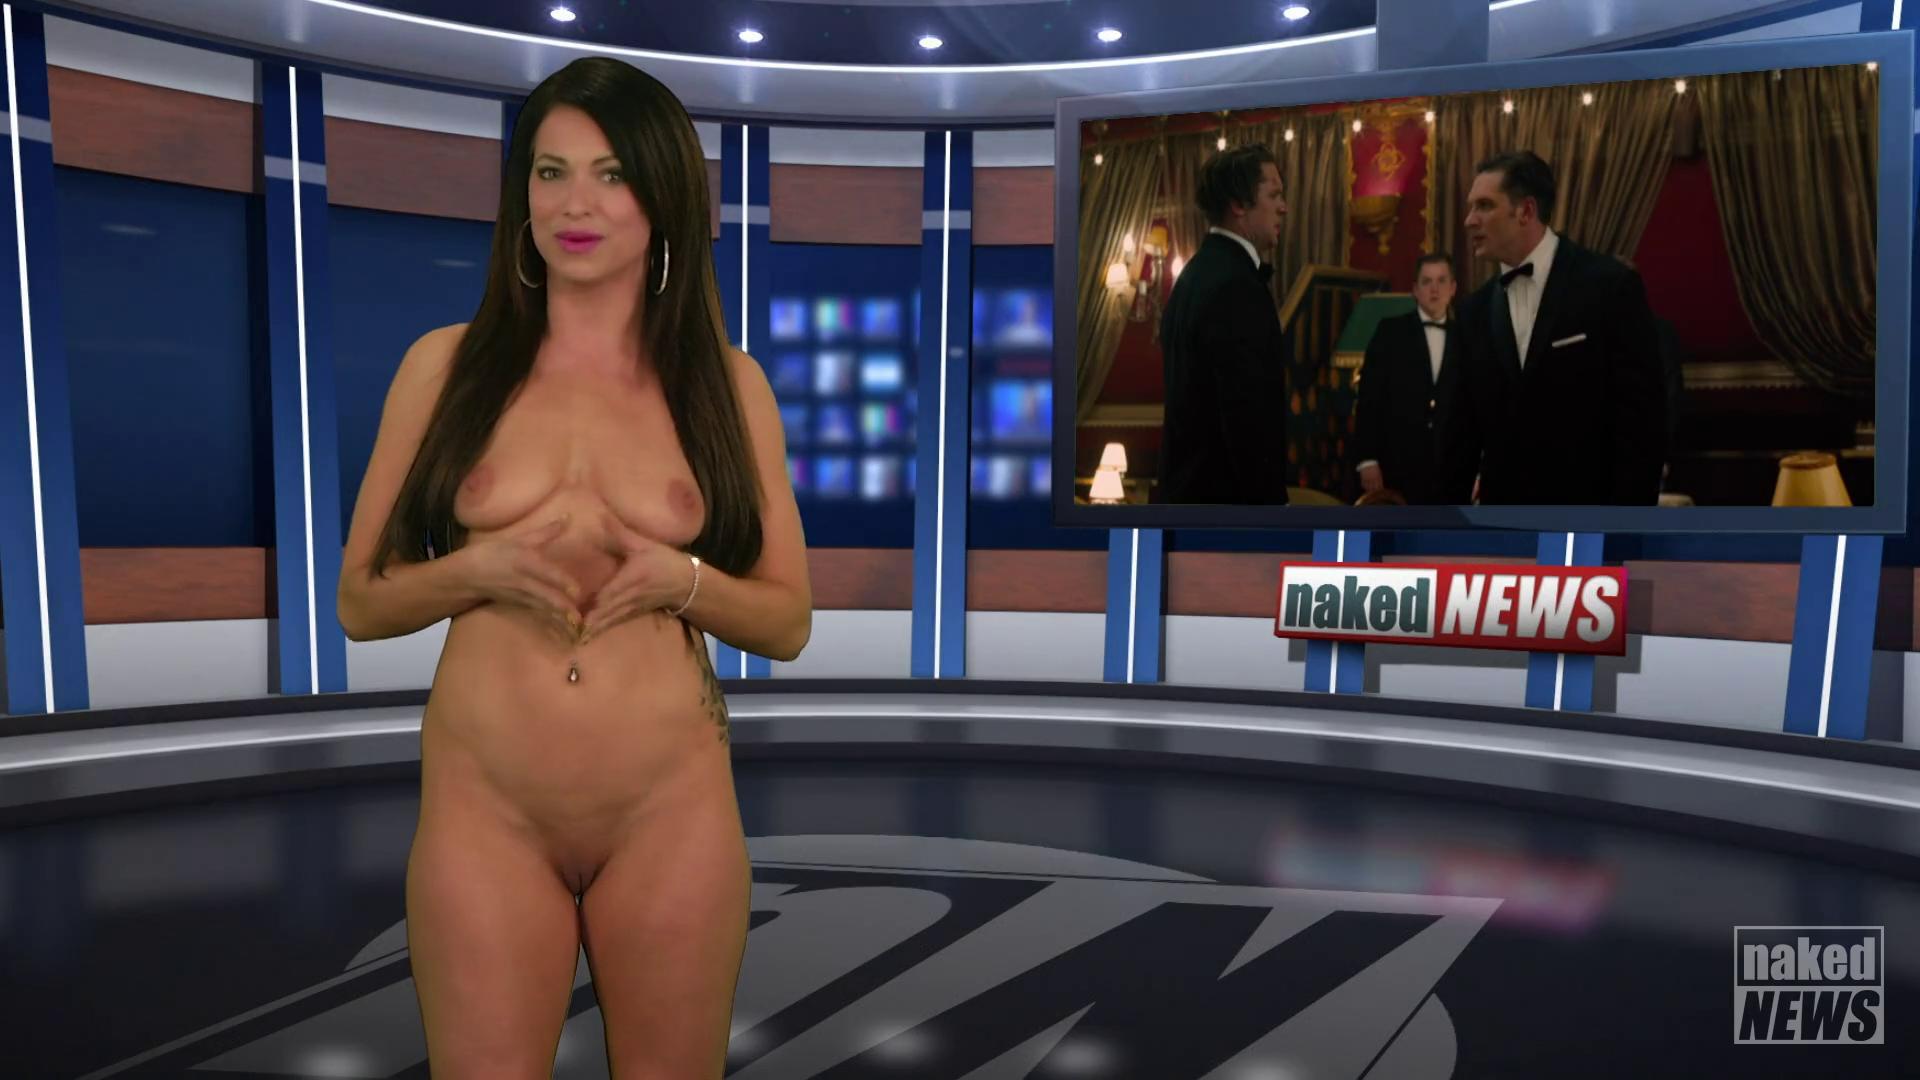 Arabian Naked Girl Pics